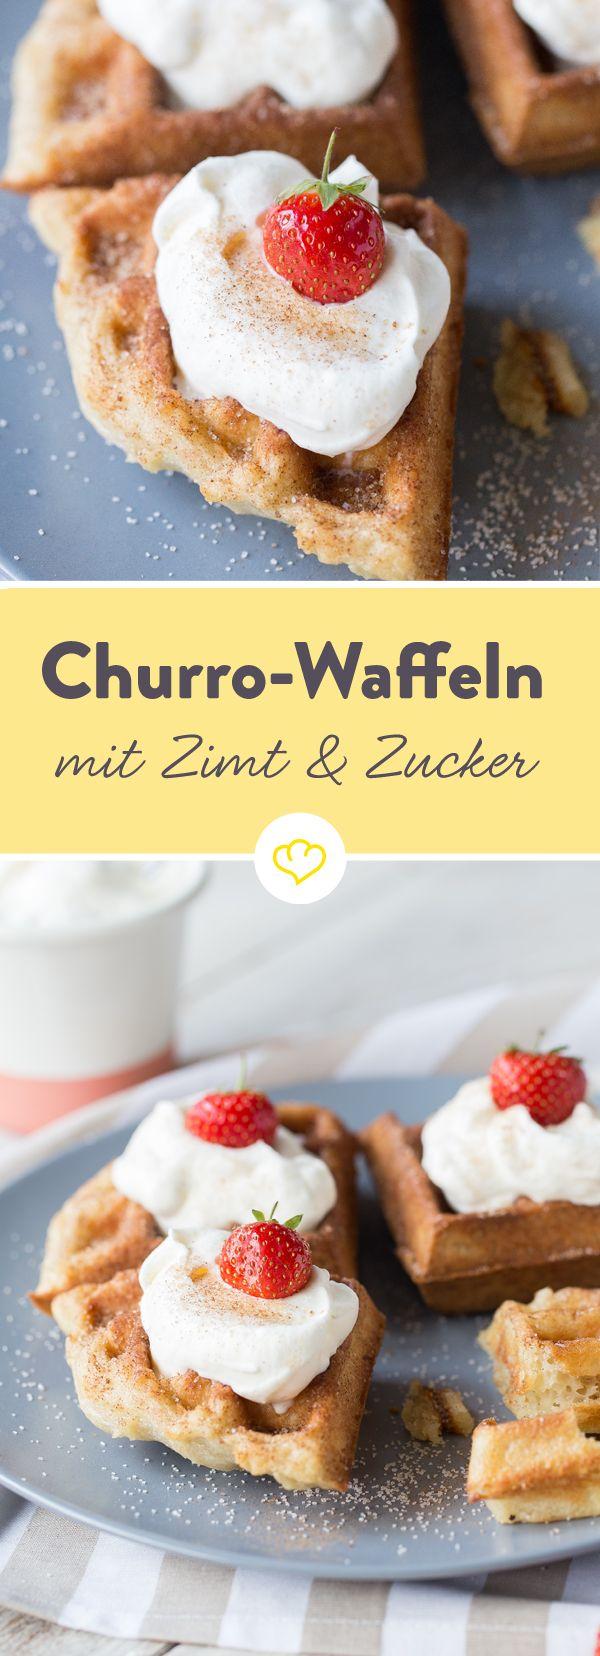 Du liebst Churros? Dann darfst du deinen Lieblingssnack jetzt völlig neu und frisch aus dem Waffeleisen kennenlernen – als krosse Churro-Waffel mit Erdbeeren und Sahnehäubchen.